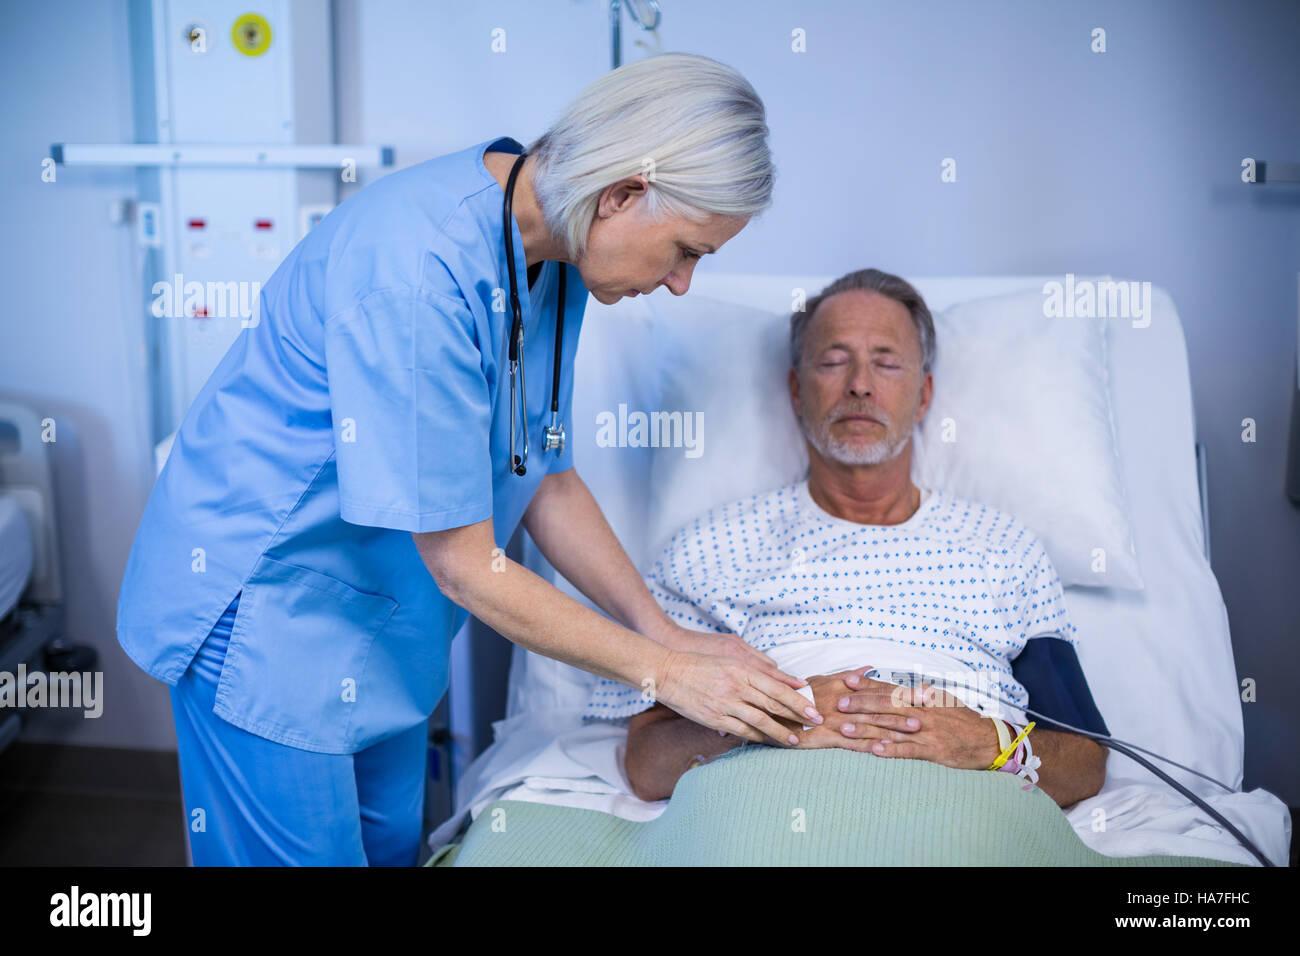 Nurse examining a patient - Stock Image